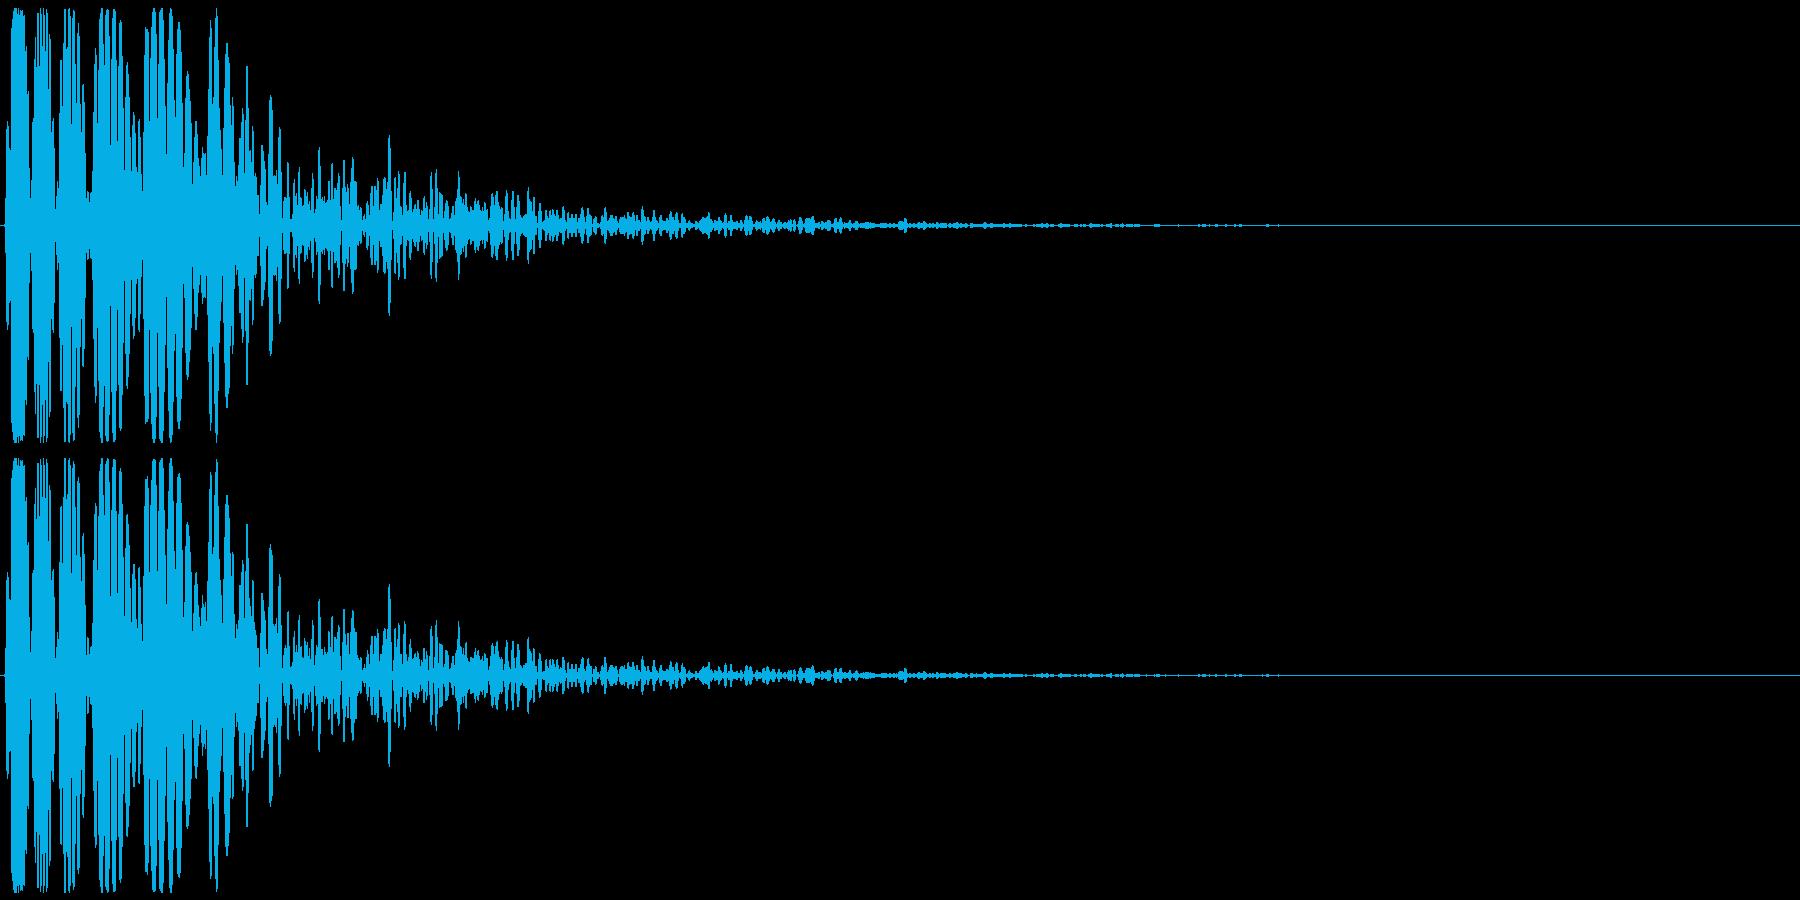 ドゥゥー 映画の予告など(インパクト音)の再生済みの波形